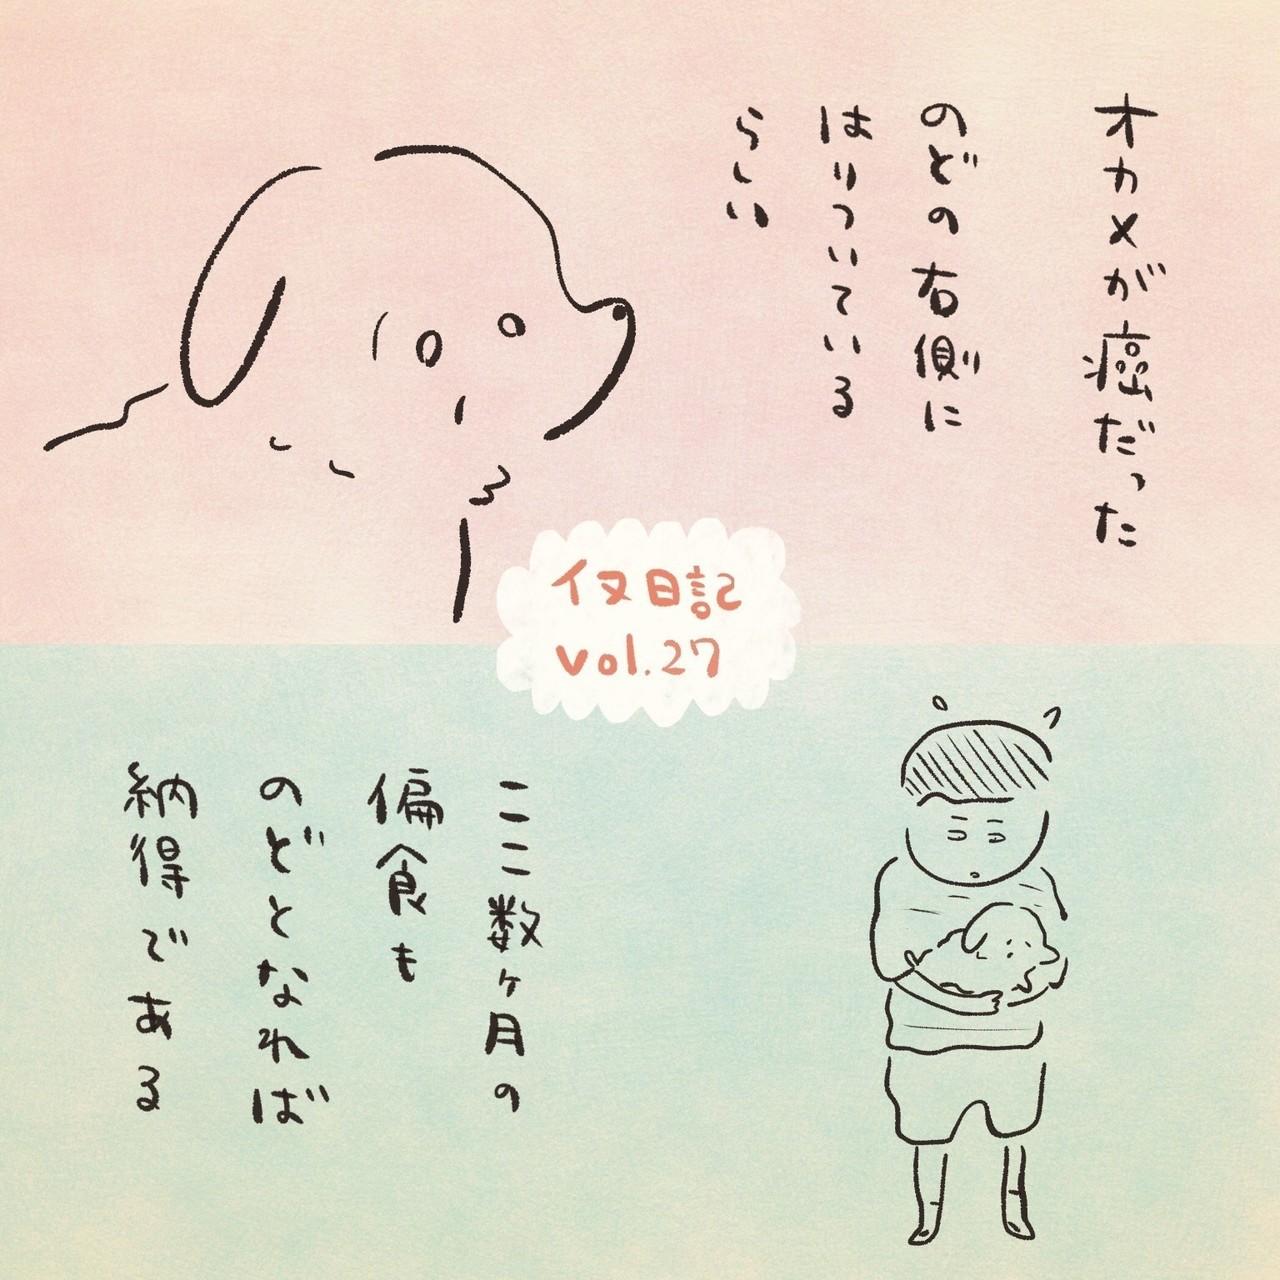 vol.27-1